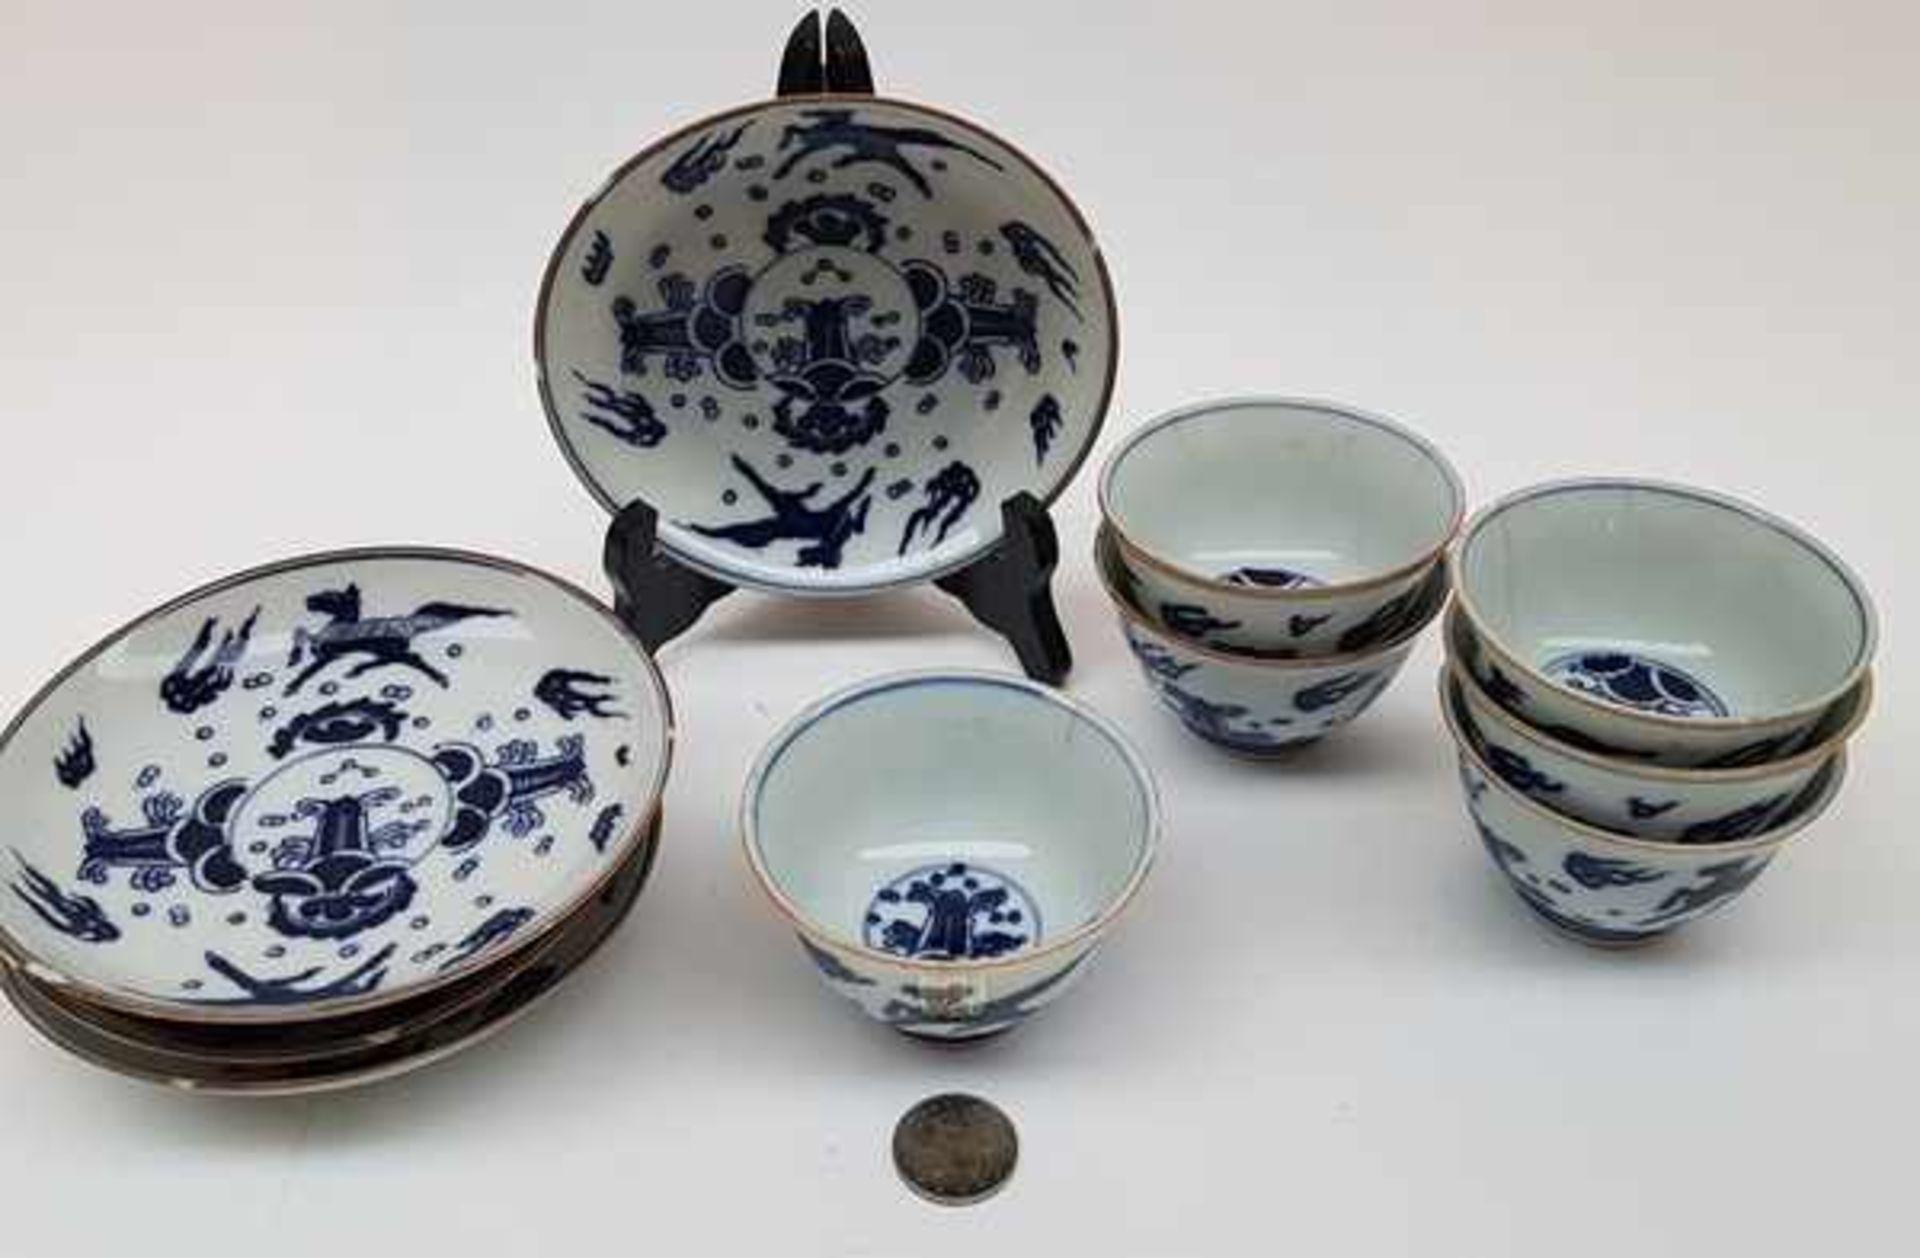 (Aziatica) Porseleinen kop en schotels, Japan, begin 20e eeuw - Bild 2 aus 5